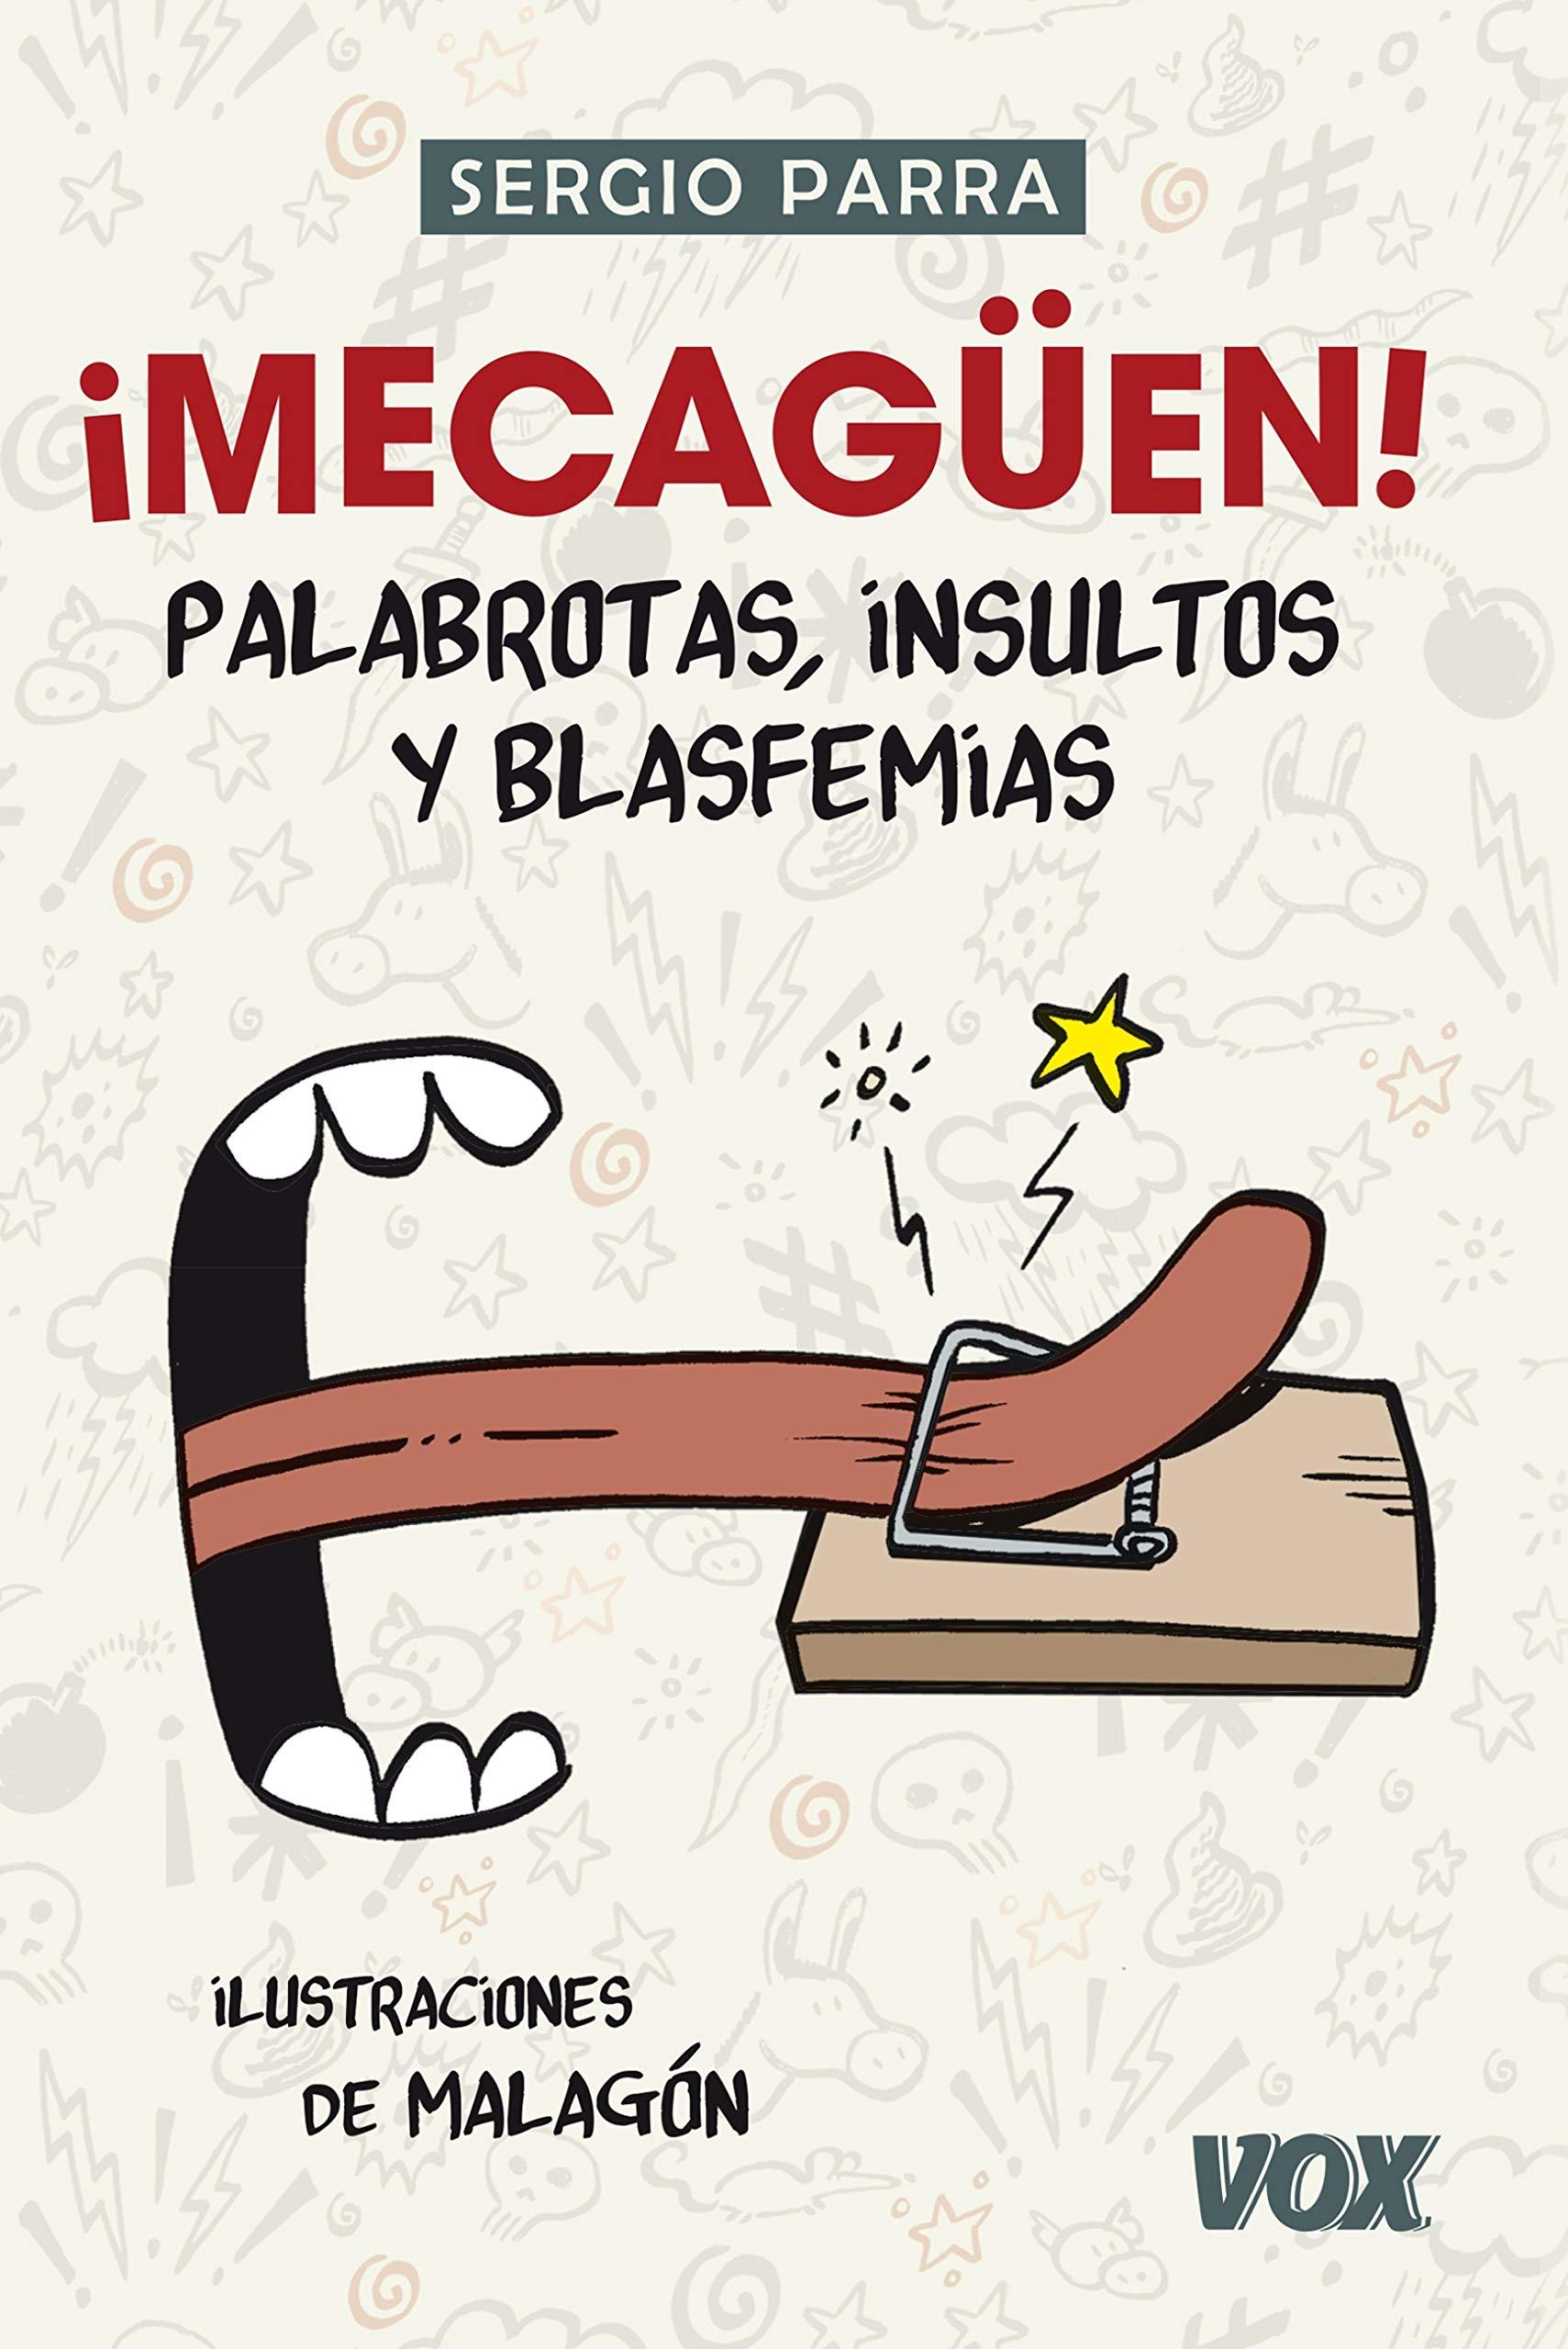 ¡Mecagüen! Palabrotas, insultos y blasfemias (Manuales Prácticos Lengua Española - Digital)